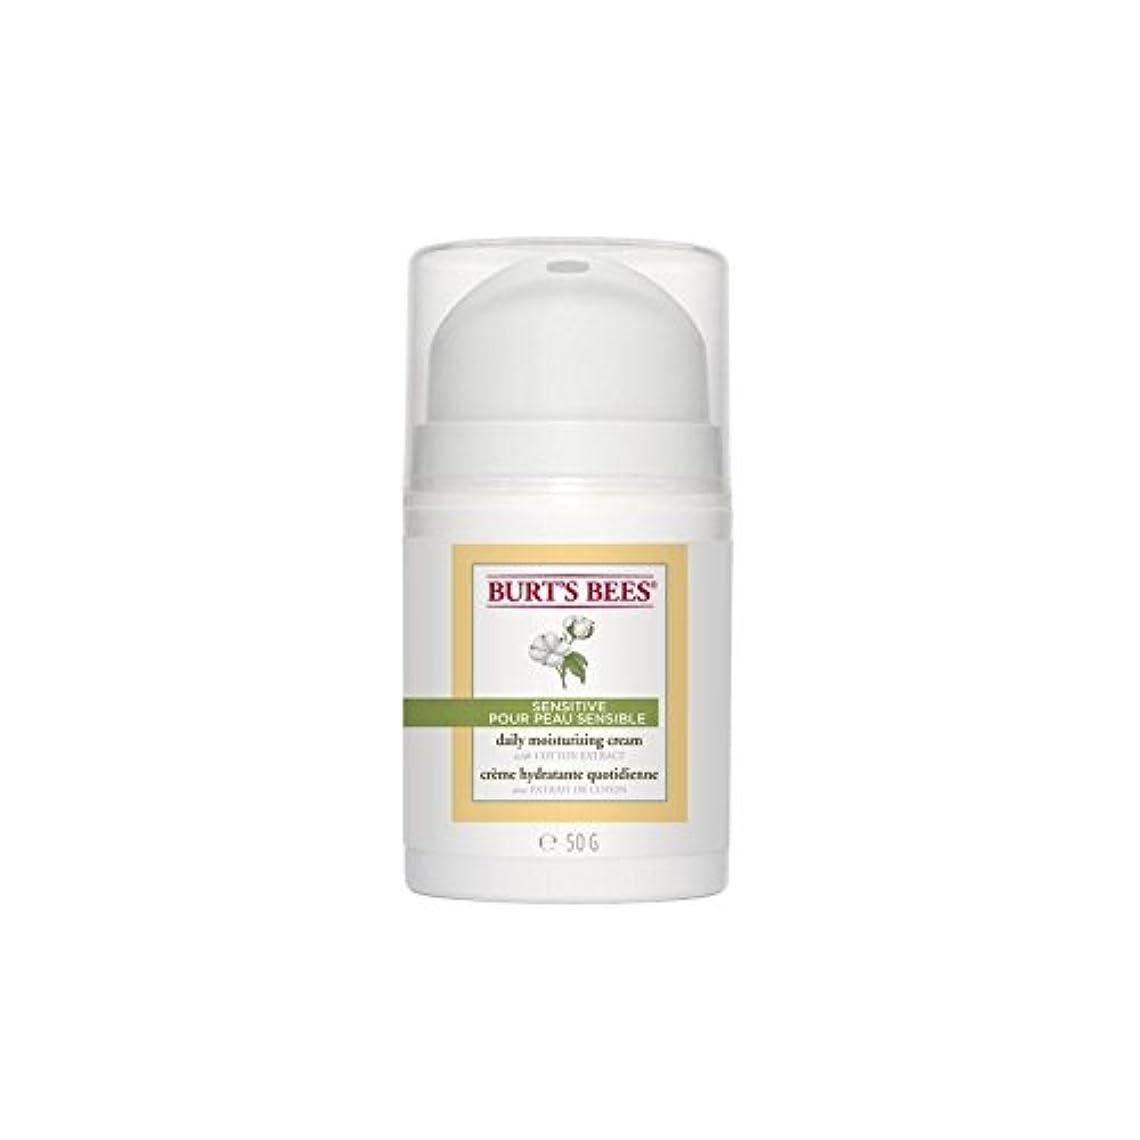 バーツビー敏感毎日保湿クリーム50グラム x4 - Burt's Bees Sensitive Daily Moisturising Cream 50G (Pack of 4) [並行輸入品]